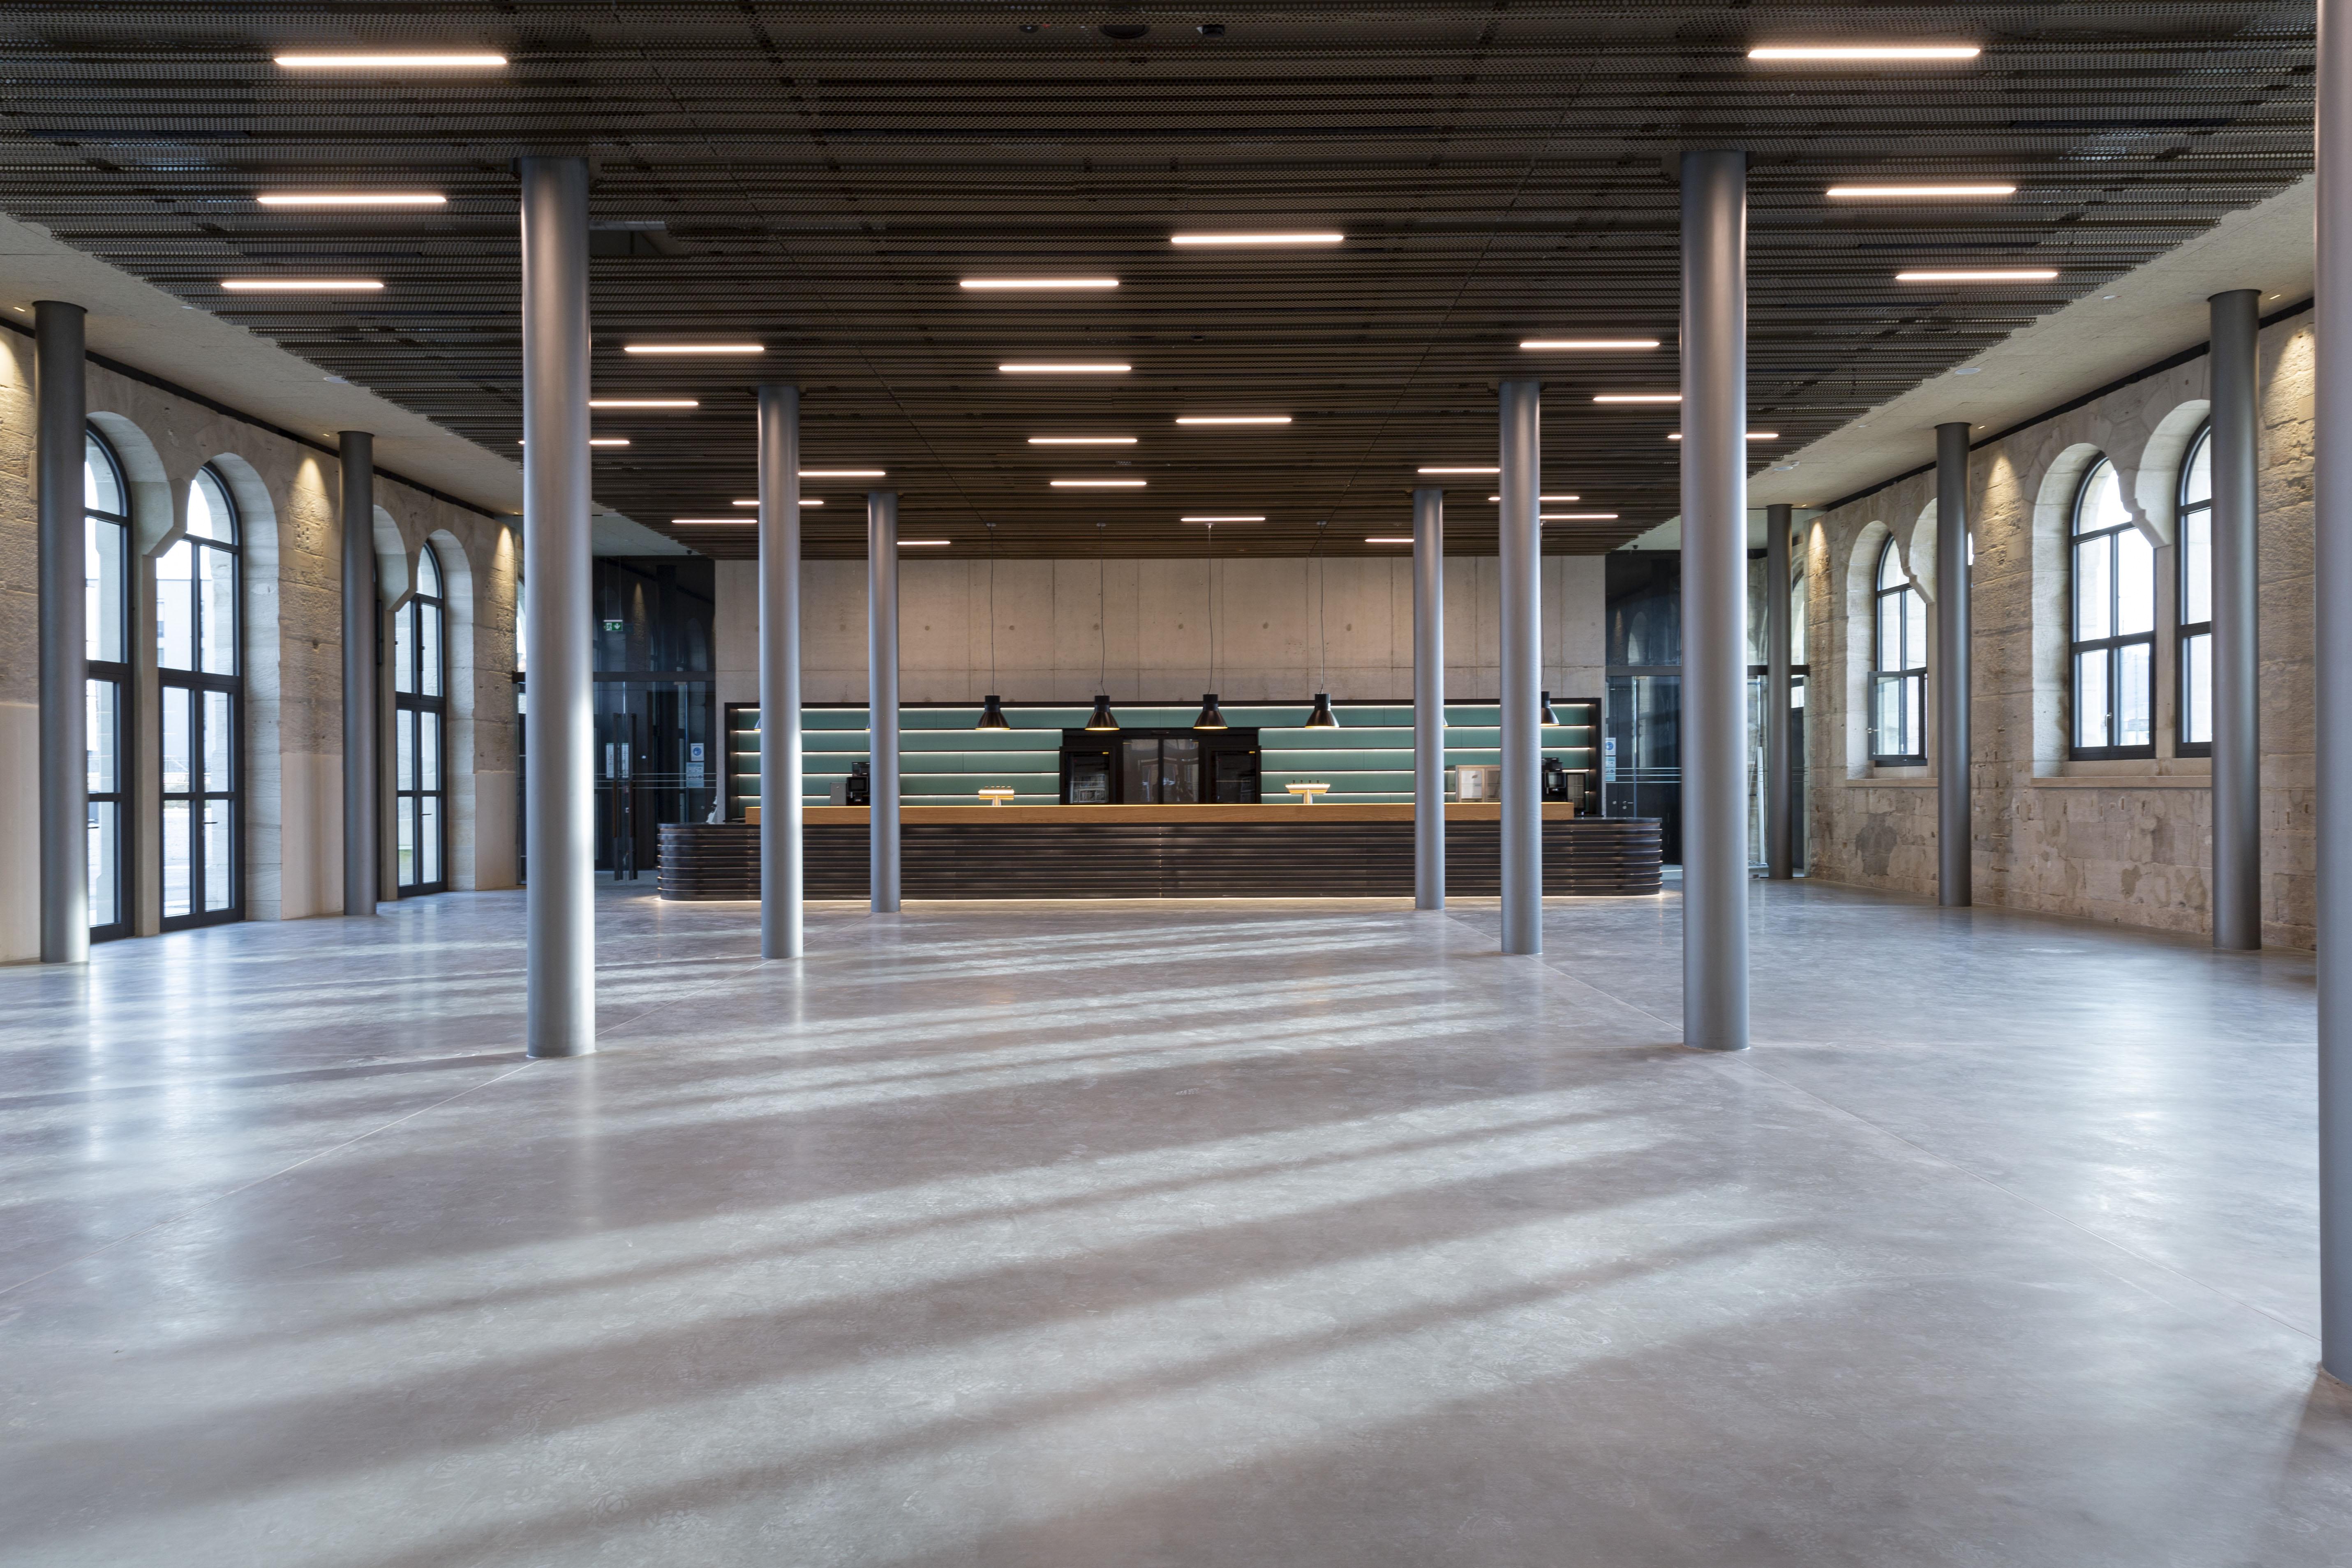 Aalen Kulturbahnhof